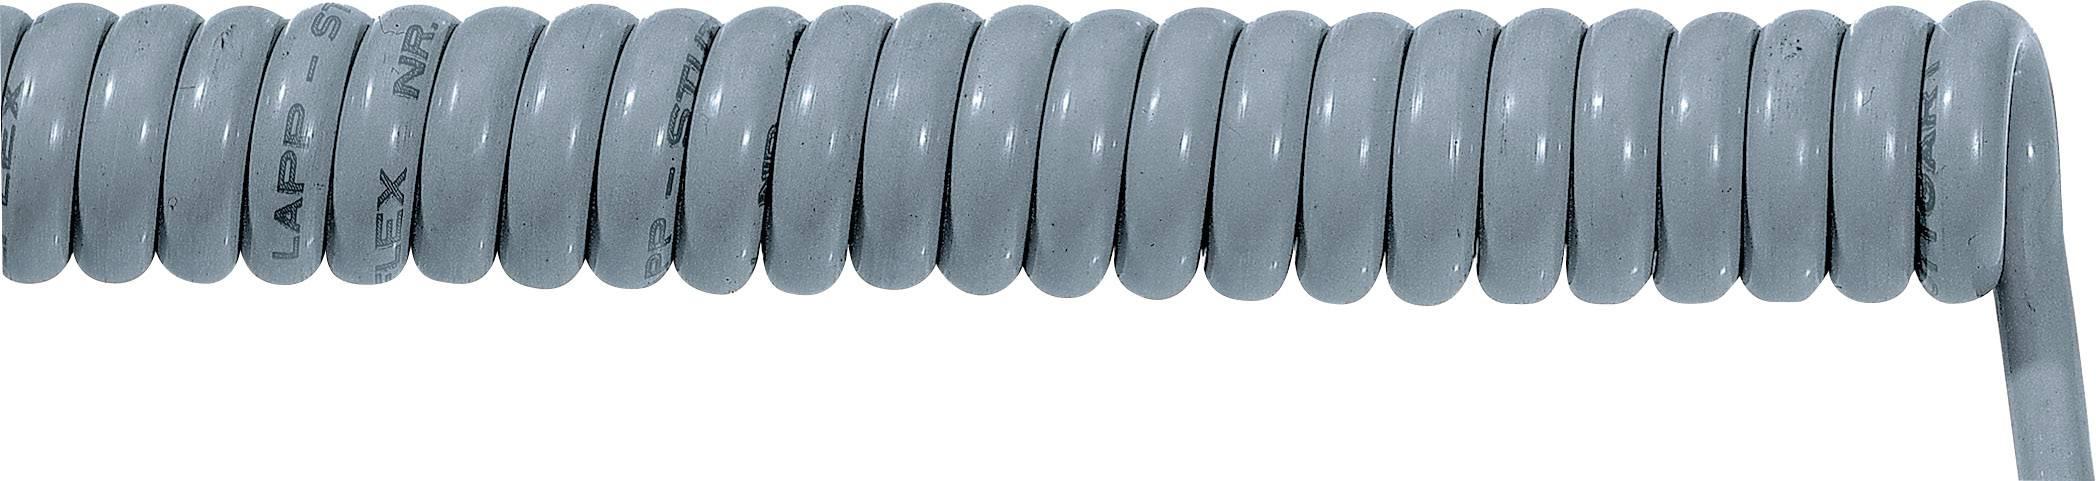 Špirálový kábel 70002630 ÖLFLEX® SPIRAL 400 P 3 x 0.75 mm², 1500 mm / 4500 mm, sivá